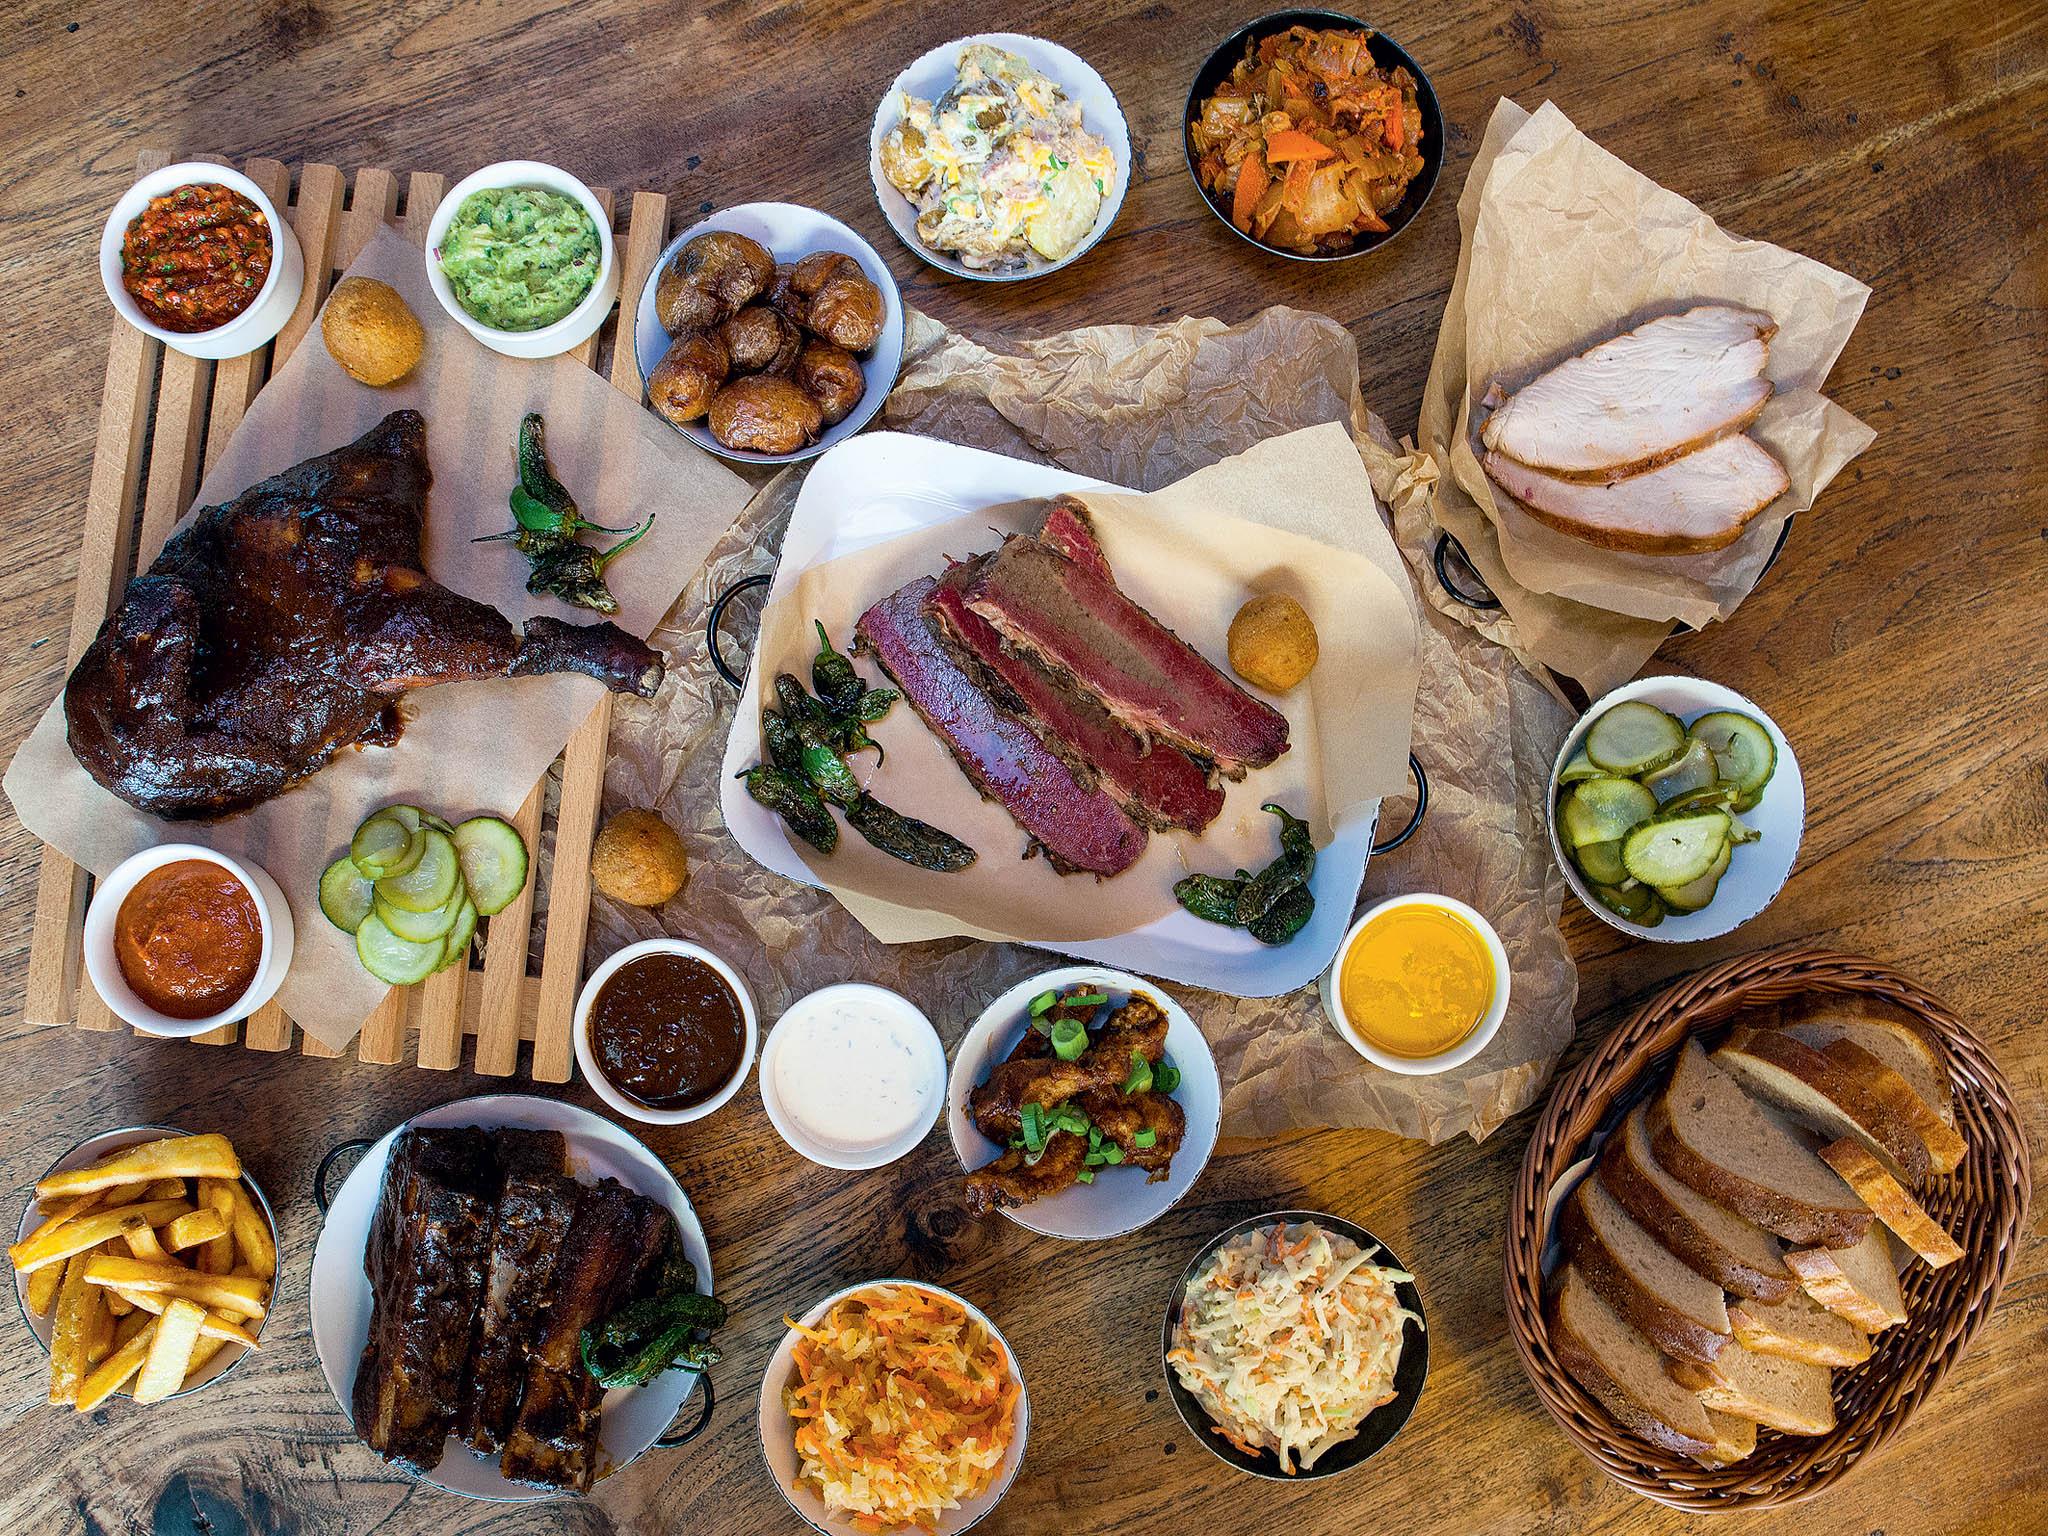 Vedle burgerů se restaurace zaměřuje na popularizaci amerického BBQ masa, které doprovází řada příloh a omáček.